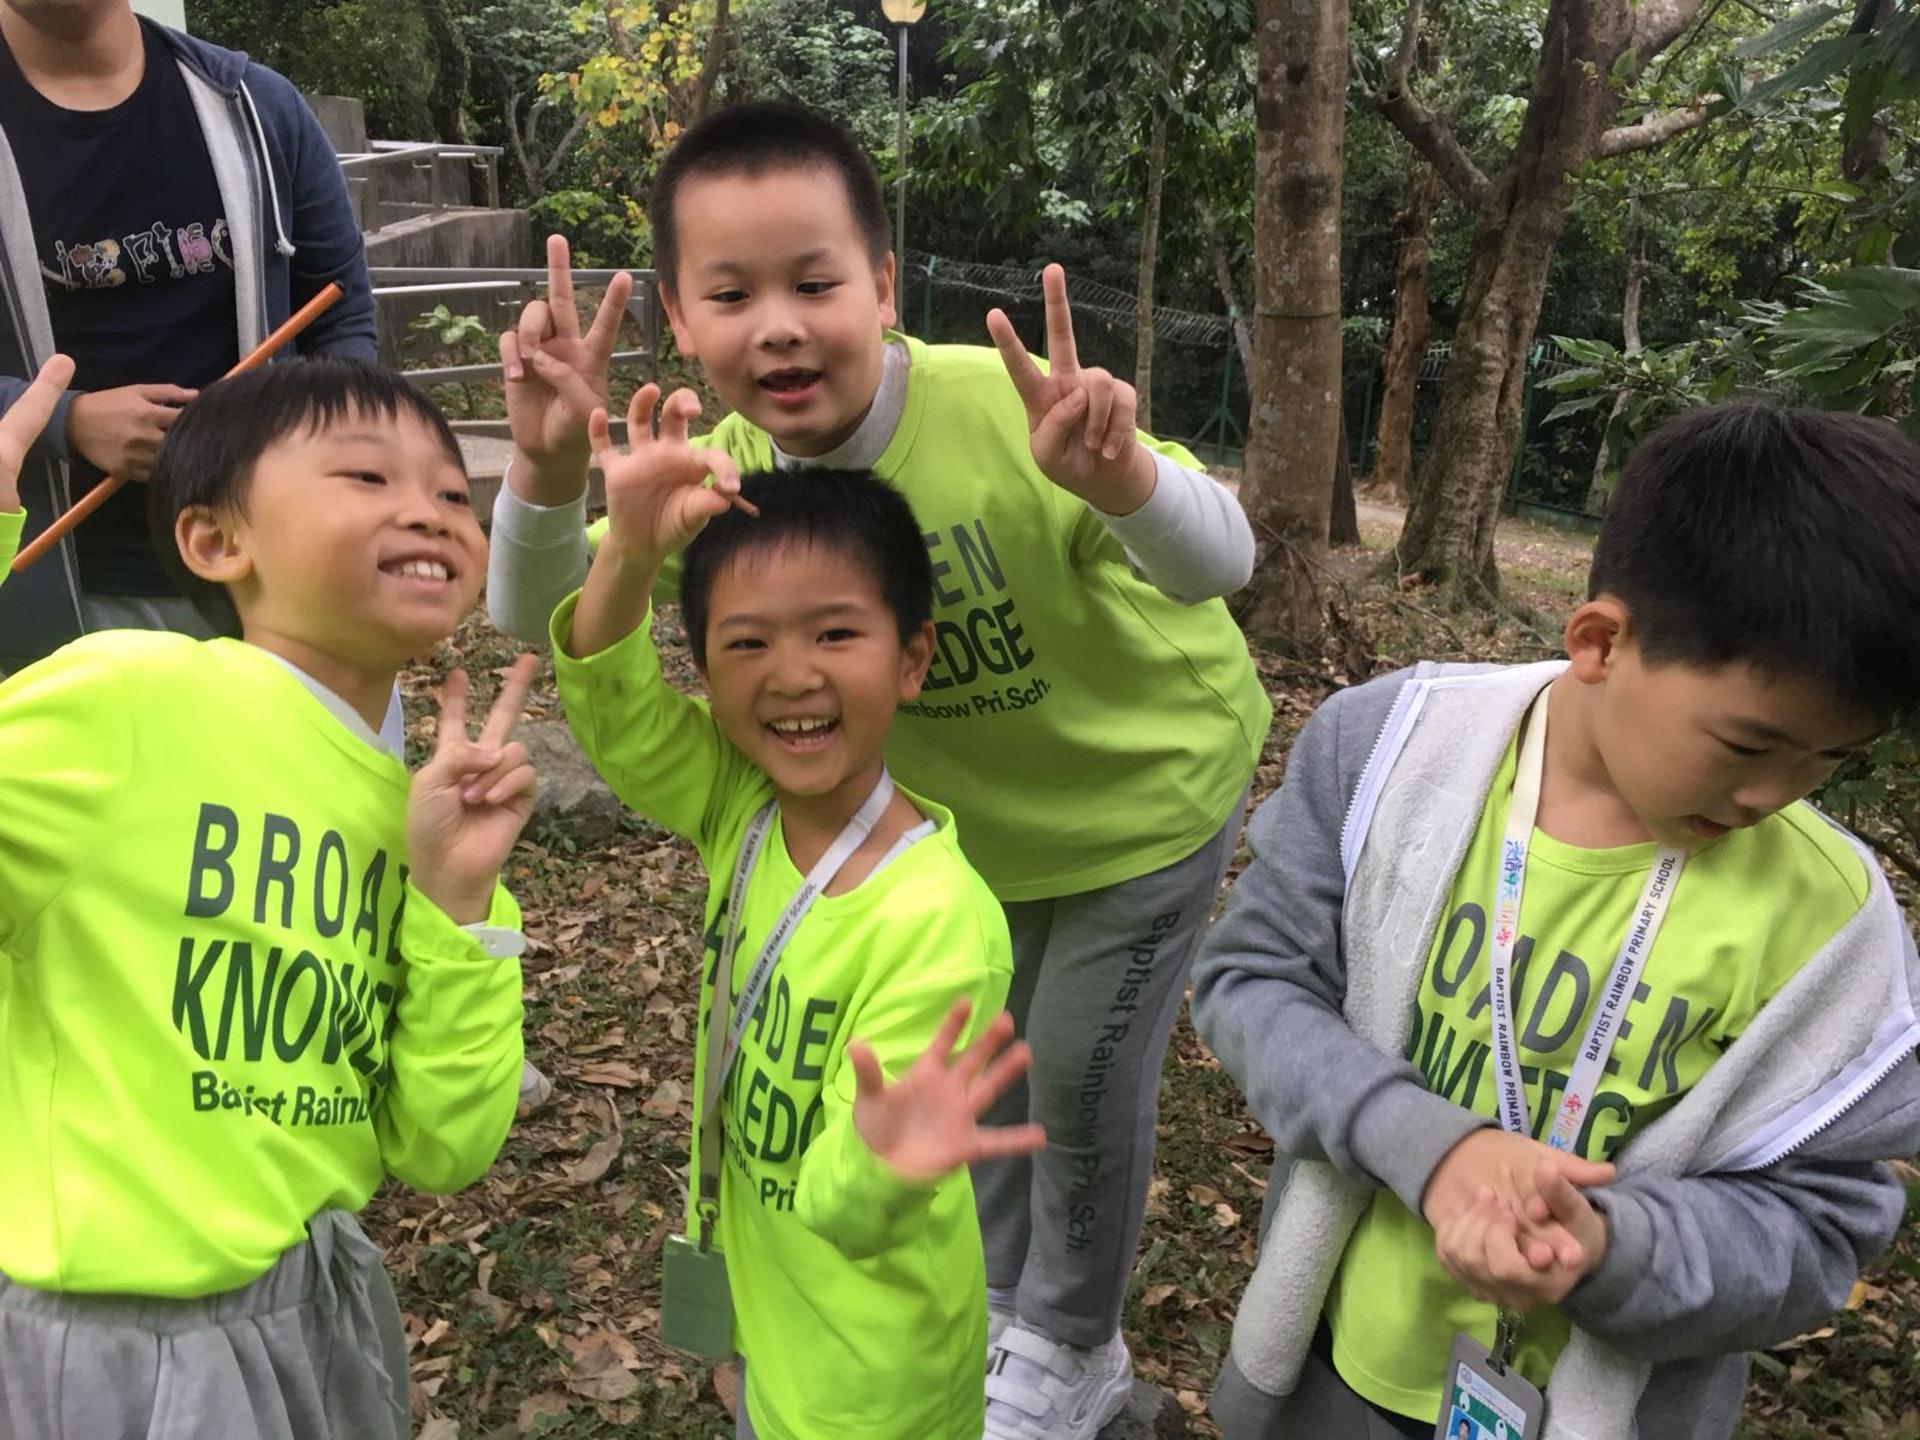 整個計劃分成三個階段,第一階段讓同學先學習樹木的基本知識,王嘉蓉指希望透過多次的戶外考察,令同學了解樹木與自身的關係。(相片由受訪者提供)